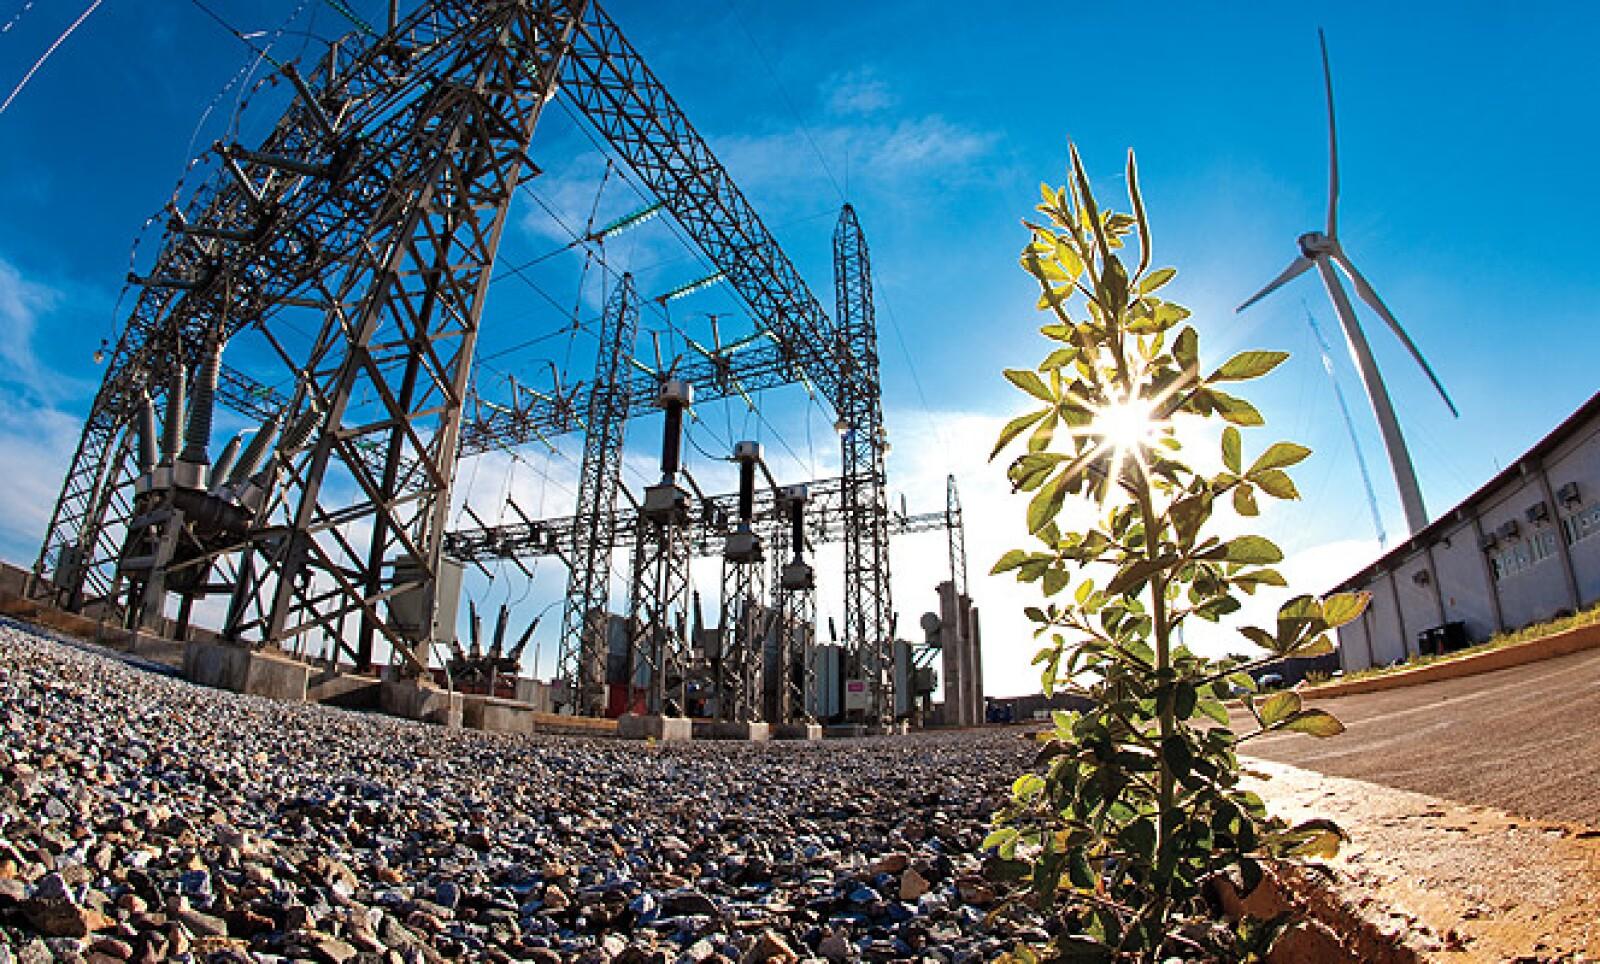 En mayo de 2010, se inauguró en Juchitán, Oaxaca este paruqe que abastece 78% de la energía para 348 unidades de negocio.